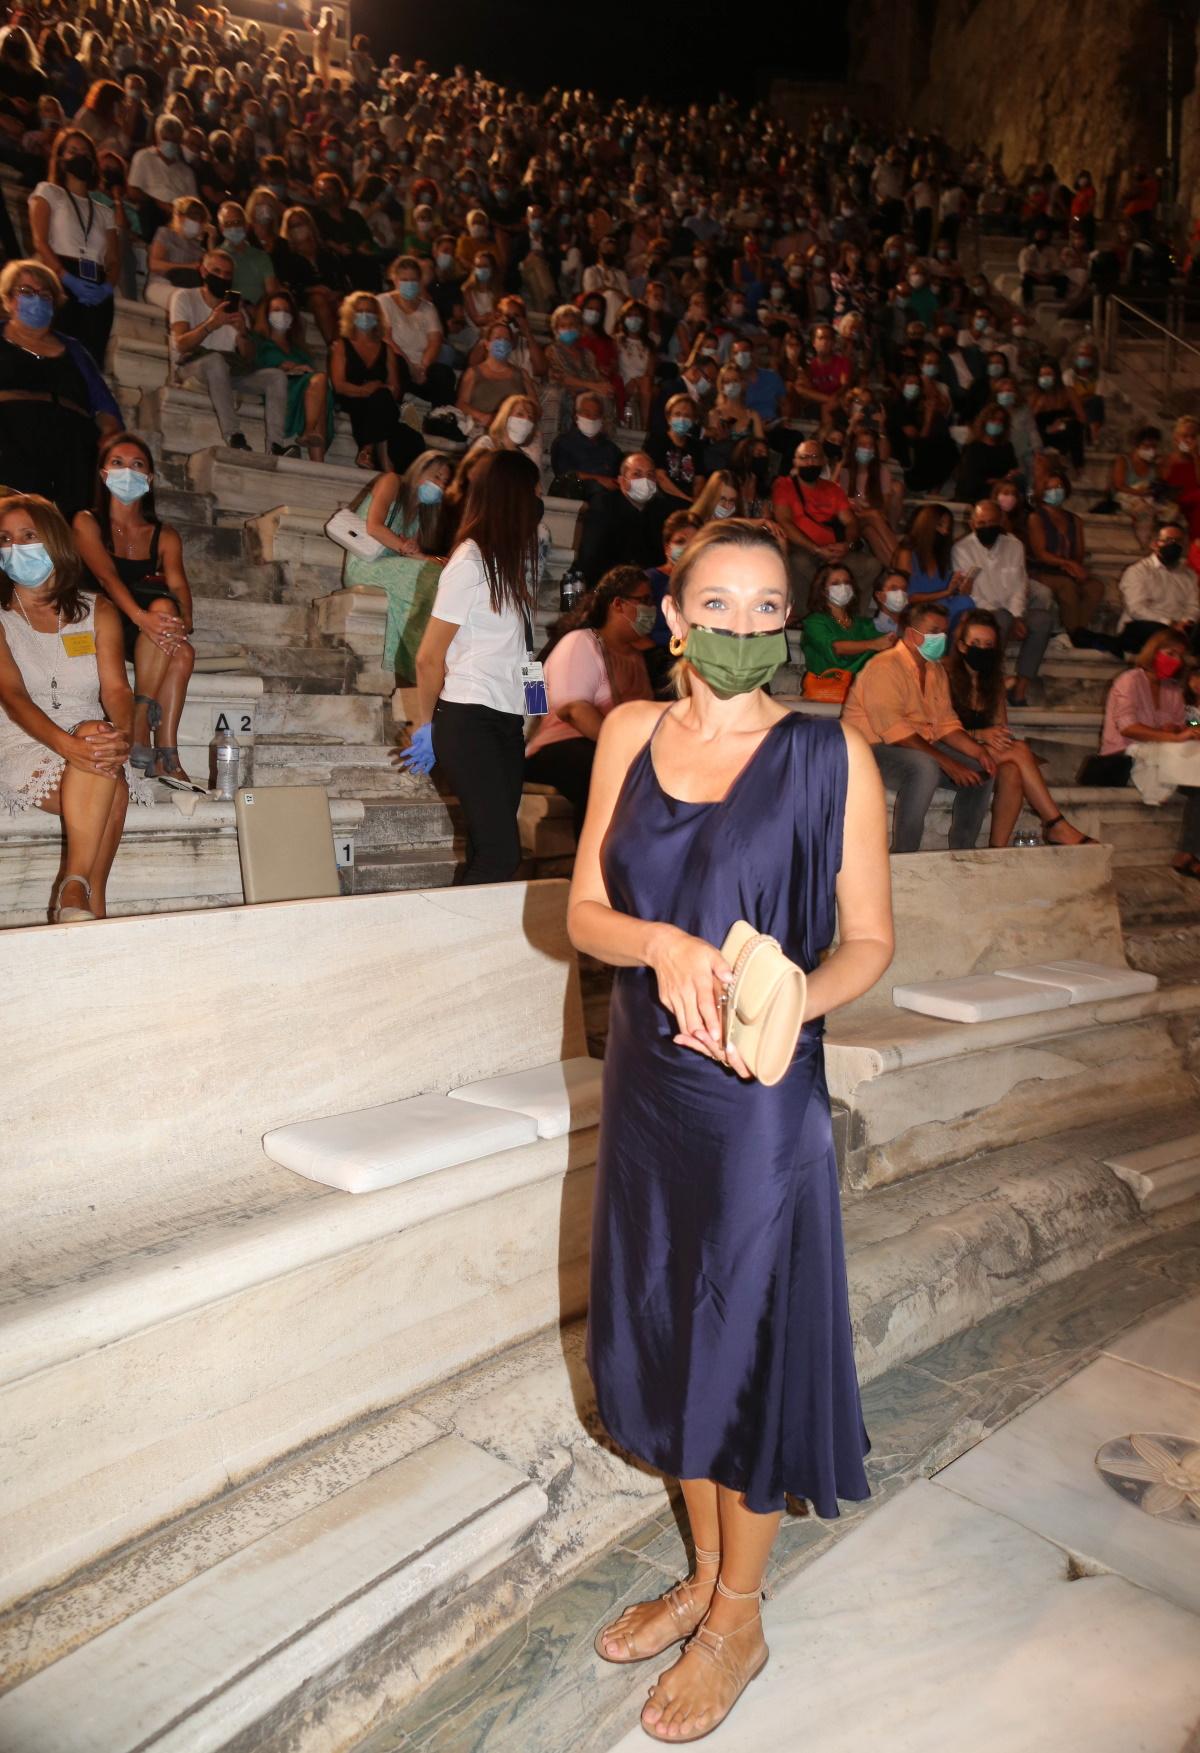 Κάτια Ζυγούλη: Με εκπληκτικό φόρεμα στη συναυλία του Σάκη Ρουβά! (εικόνες)